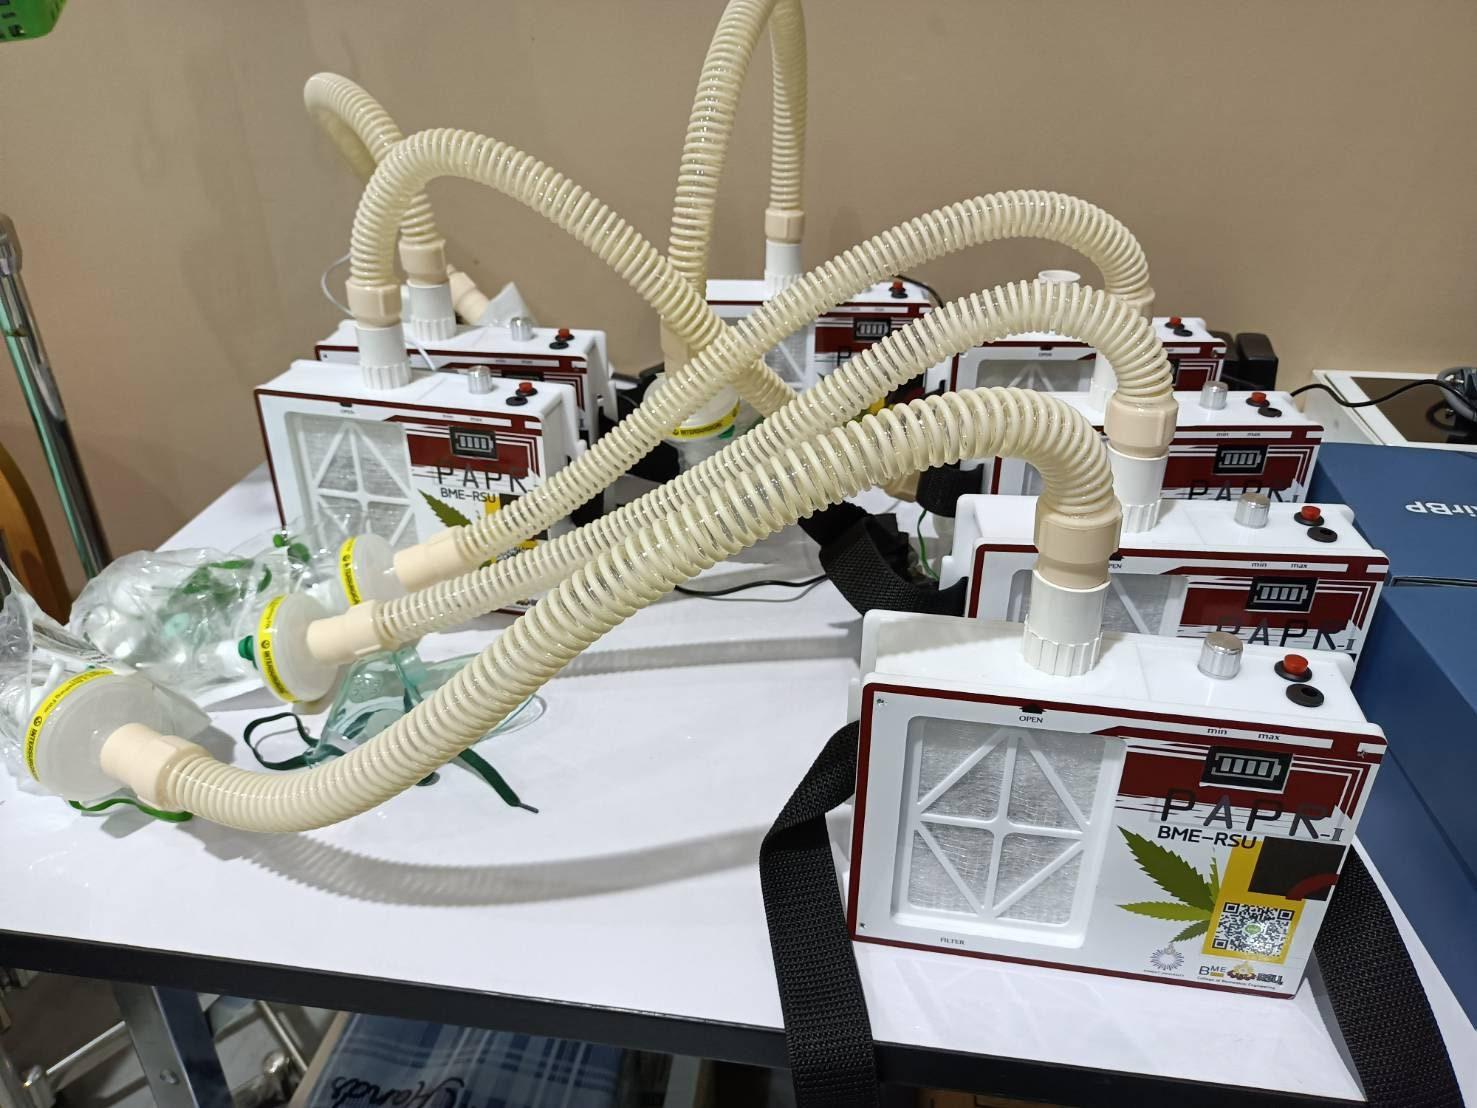 'สุริยะ'หนุนผู้ประกอบการเครื่องมือแพทย์รับมือวิกฤตสุขภาพในประเทศ